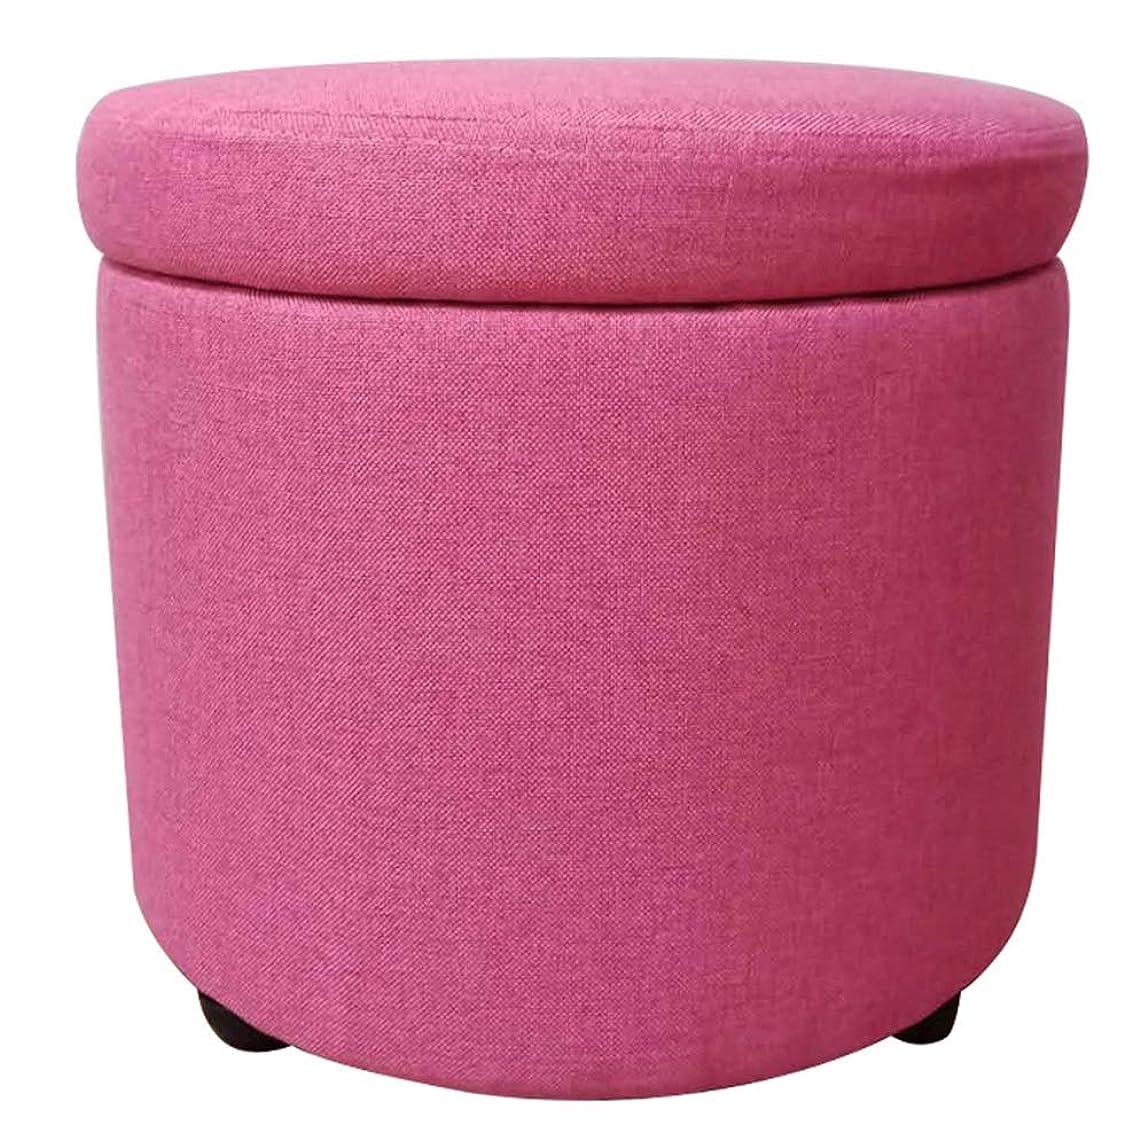 基礎資格情報食料品店LSXIAO オットマンツールフットスツール亜麻丸型布団チェア取り外し可能なカバー、5色の多機能 (色 : ピンク, サイズ さいず : 36x36x26cm)